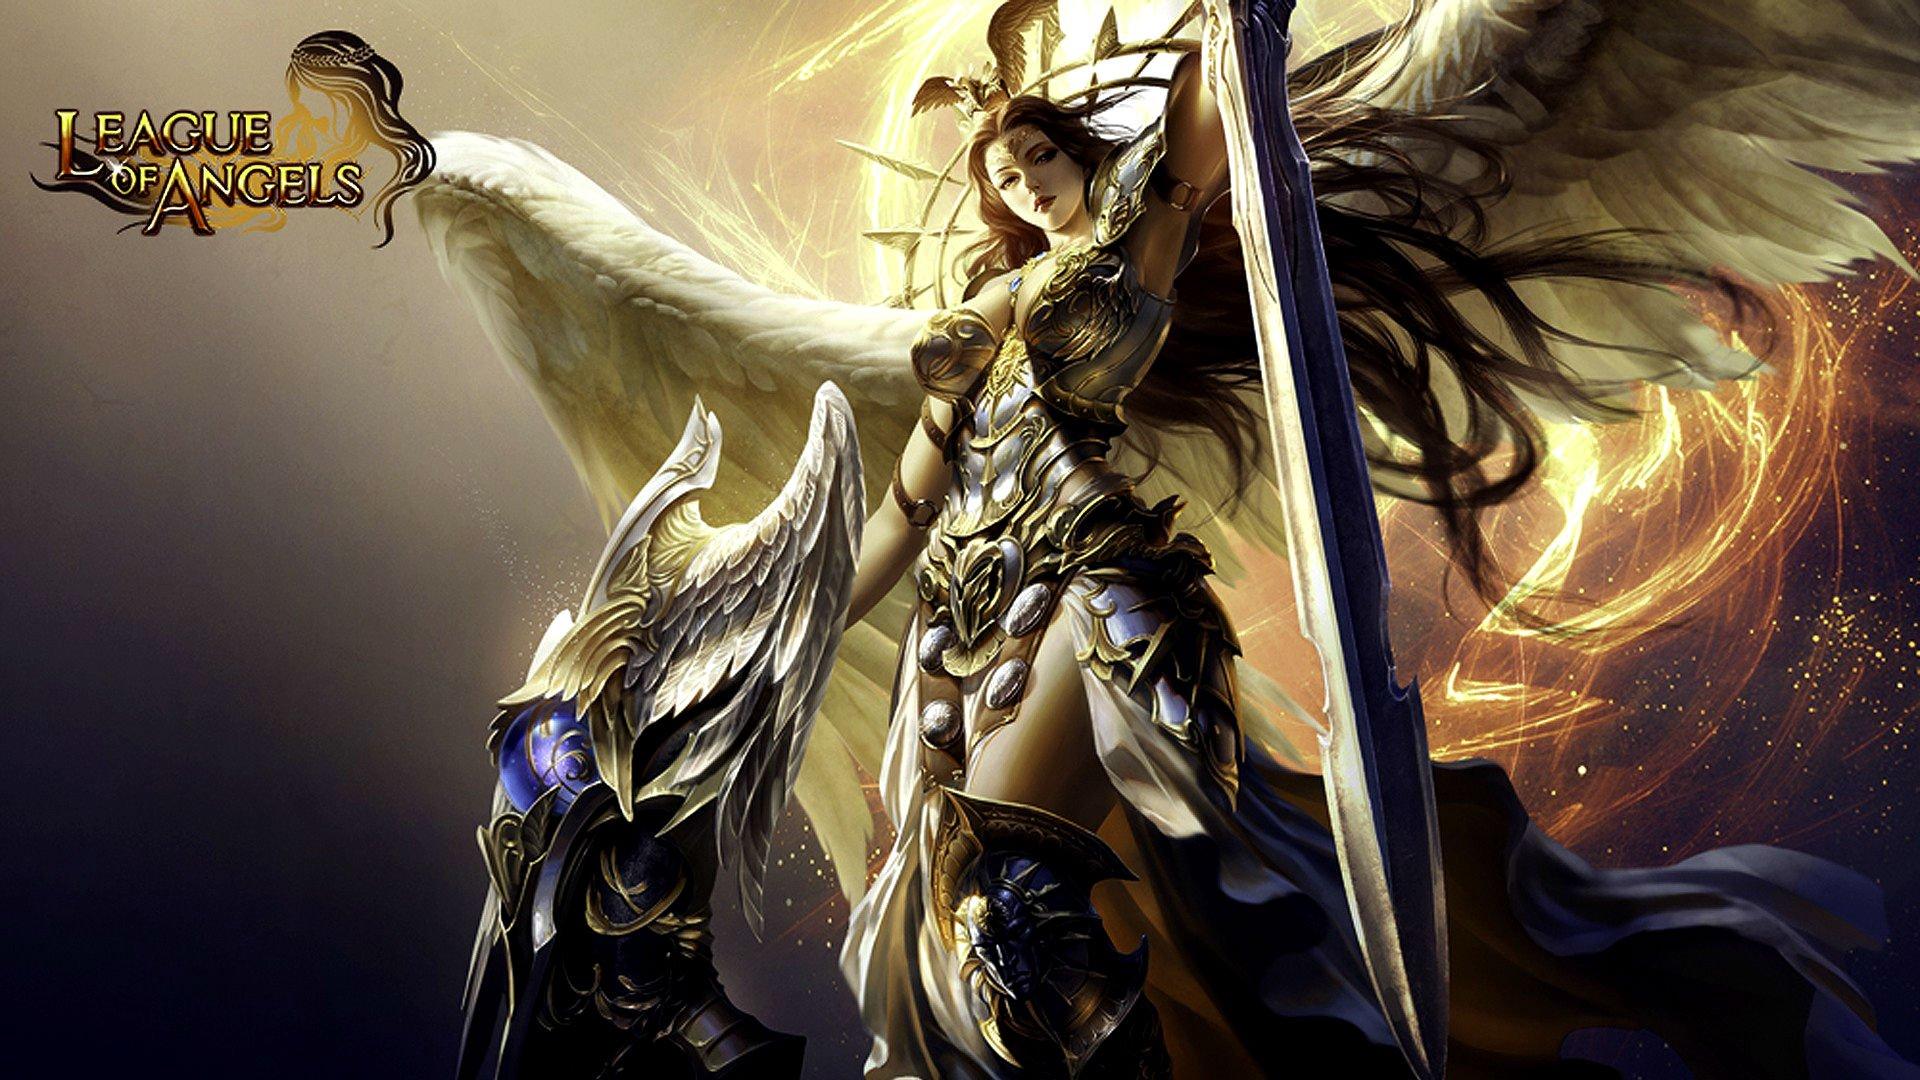 league of angels wallpaper wallpapersafari